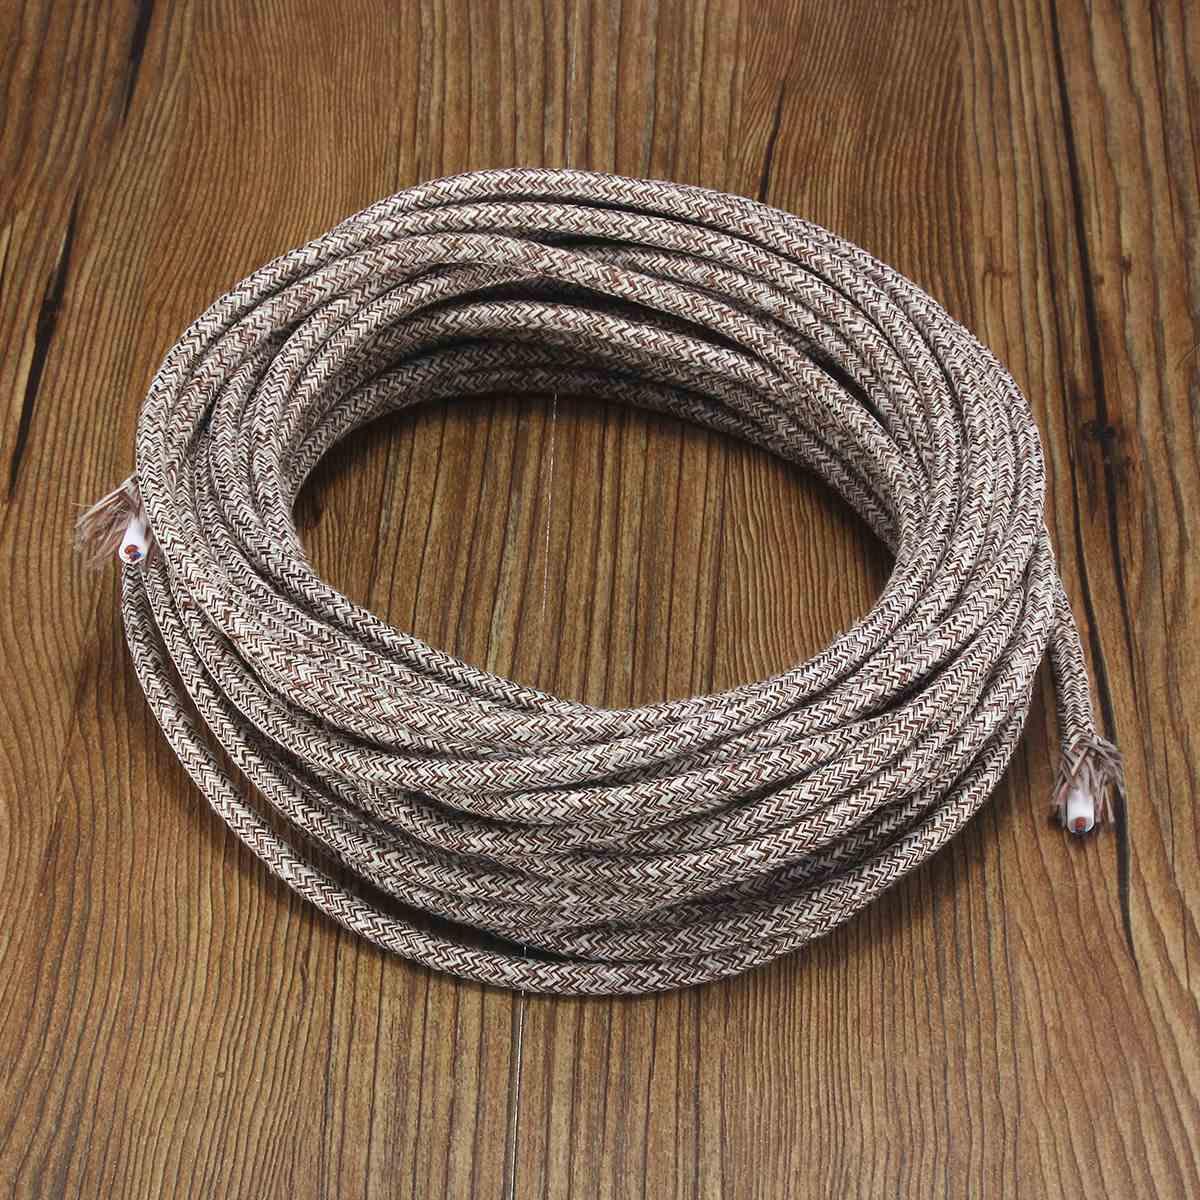 Top Qualität 10 mt 2 Kabel 0,75 cm Multicolor Vintage Twist Geflochtene Stoff Licht Kabel Retro Elektrische Draht Anhänger Lampe draht